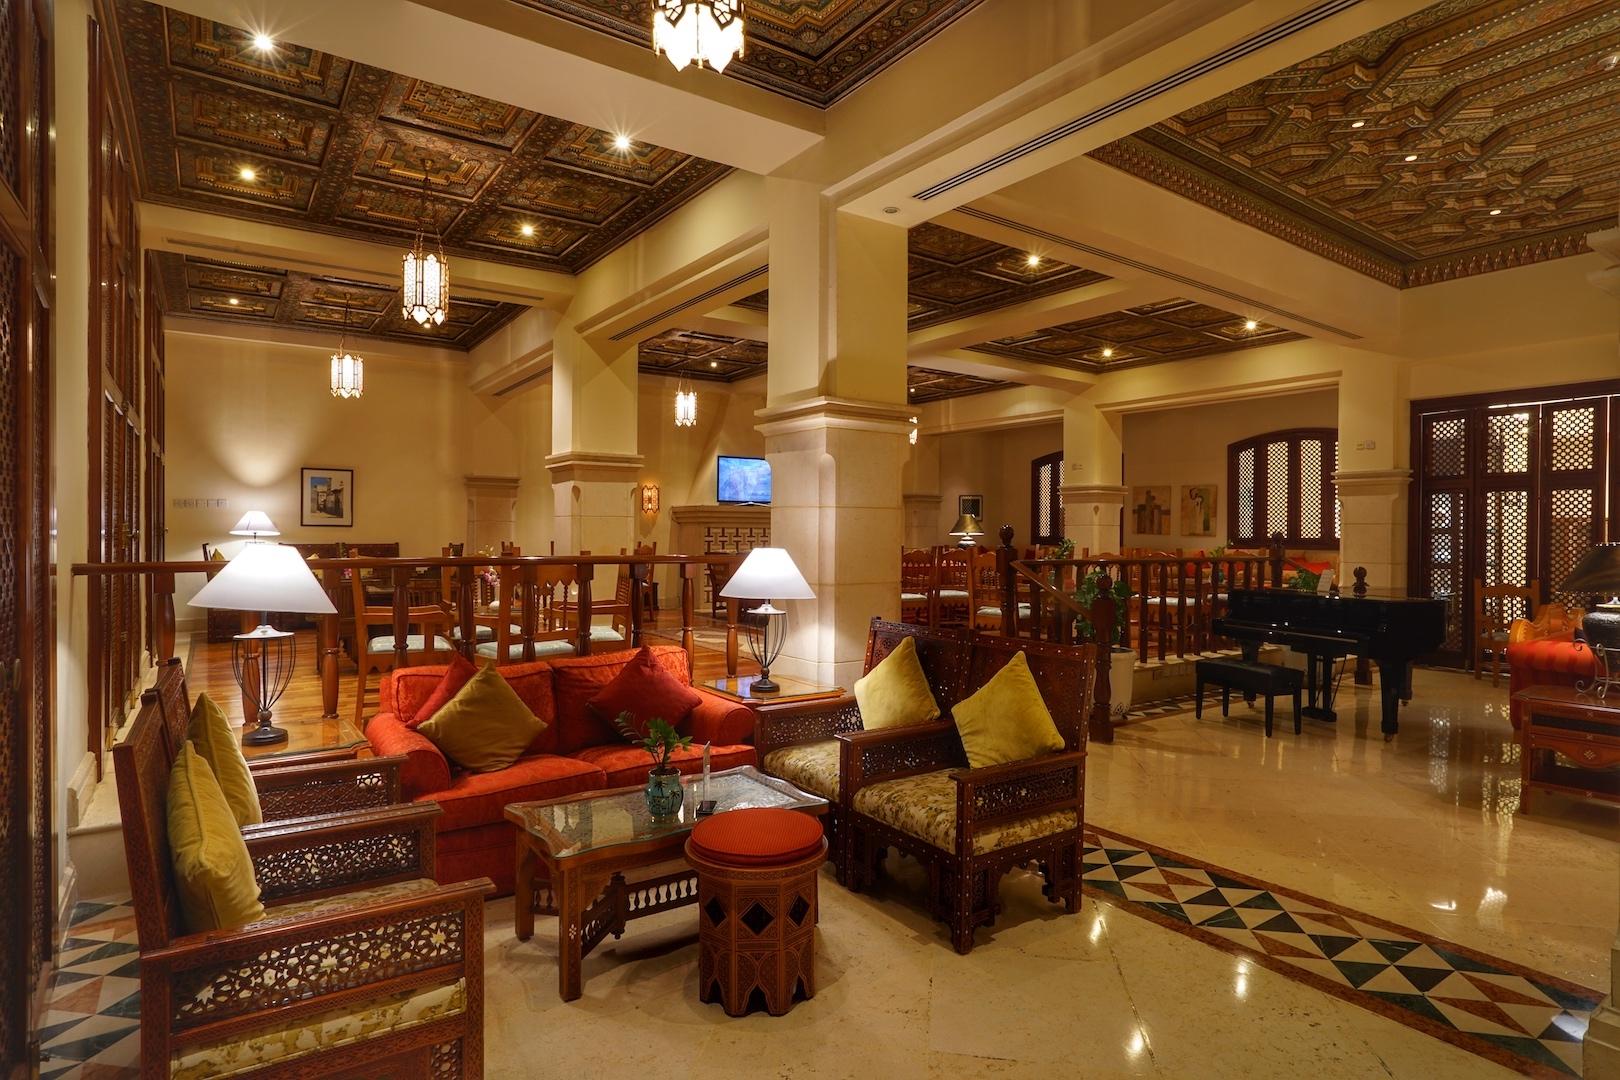 Die Al Hana Lounge strahlt Wärme und Geborgenheit aus